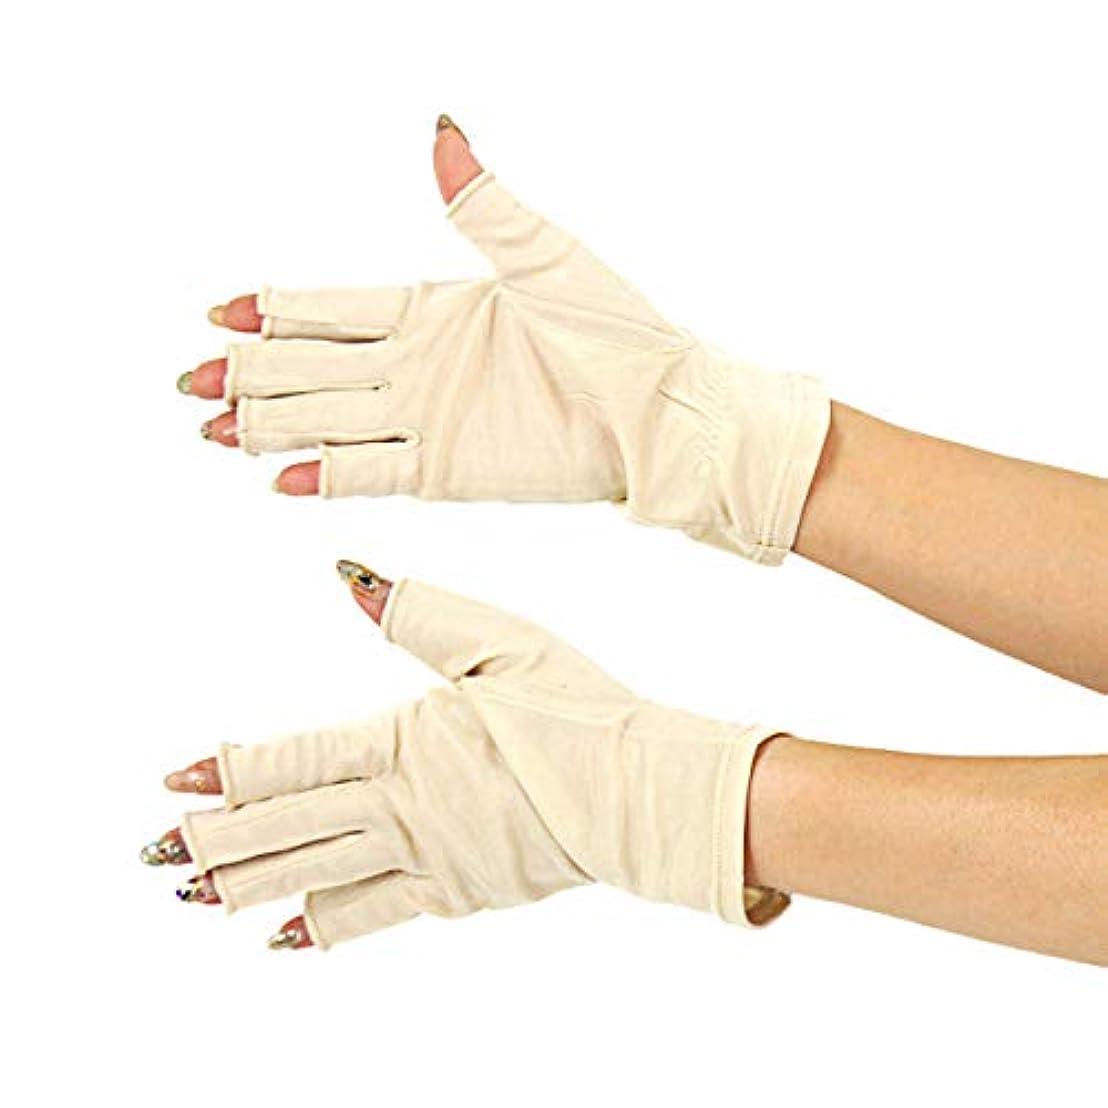 署名トランペットアブストラクト[スリーピングシープ] ひんやり サラサラ シルク100% UV 手袋 ハンドケア UV 手袋 手のお手入れに (M, 指切りベージュ)